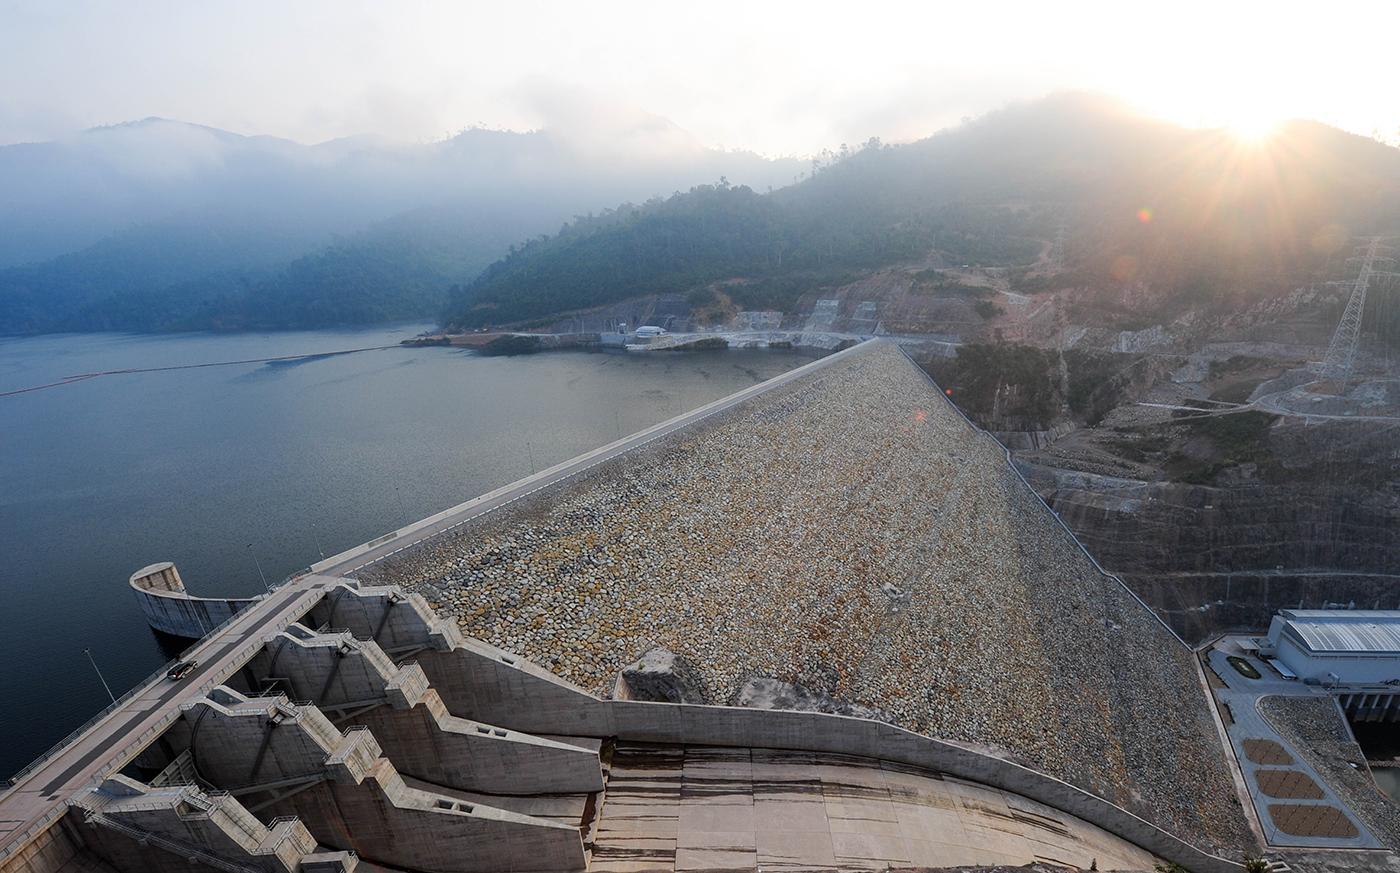 ภาพโรงไฟฟ้าพลังน้ำ น้ำงึม 2 สปป.ลาว โรงไฟฟ้าพลังน้ำ ในเครือ CKPower